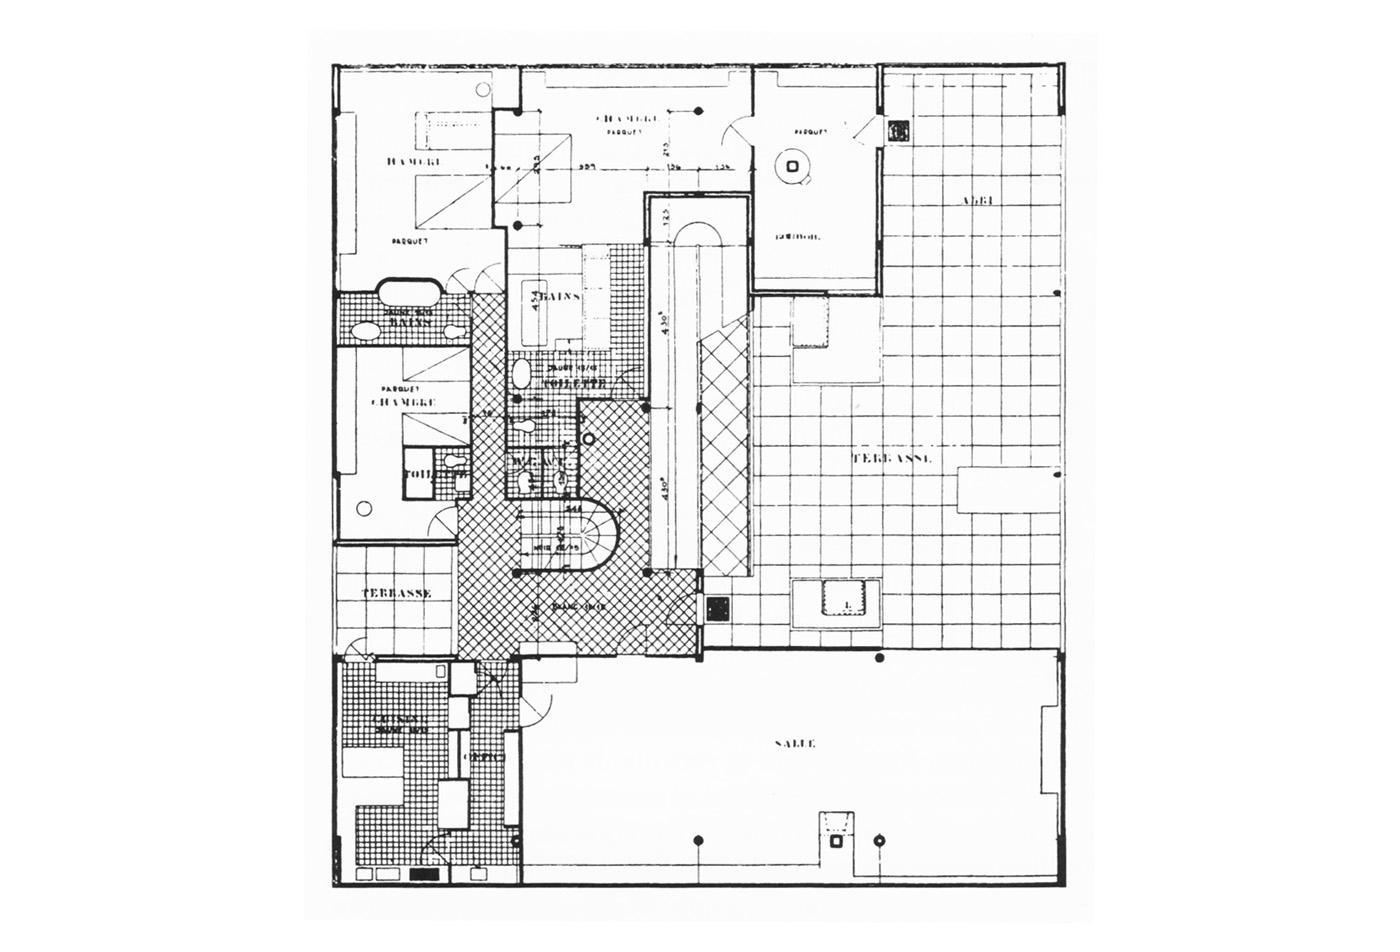 Villa Savoye Le Corbusier S Machine Of Inhabit Metalocus